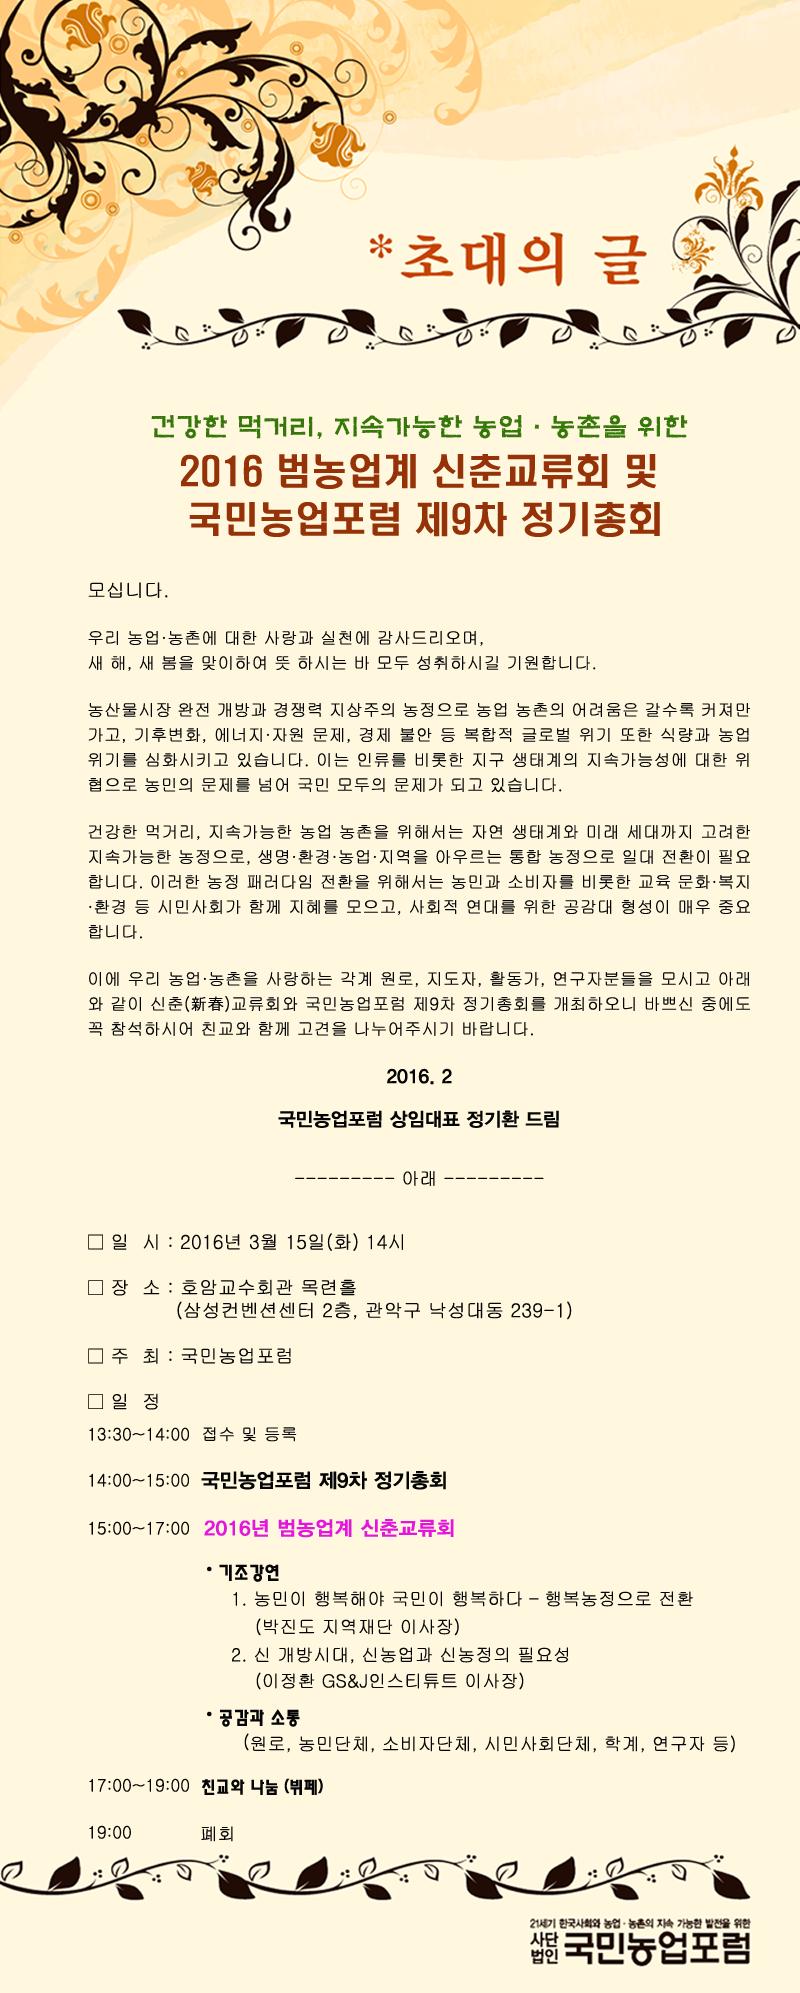 160315_2016년 범농업계 신춘교류회 및 제9차 정기총회 초대장.png